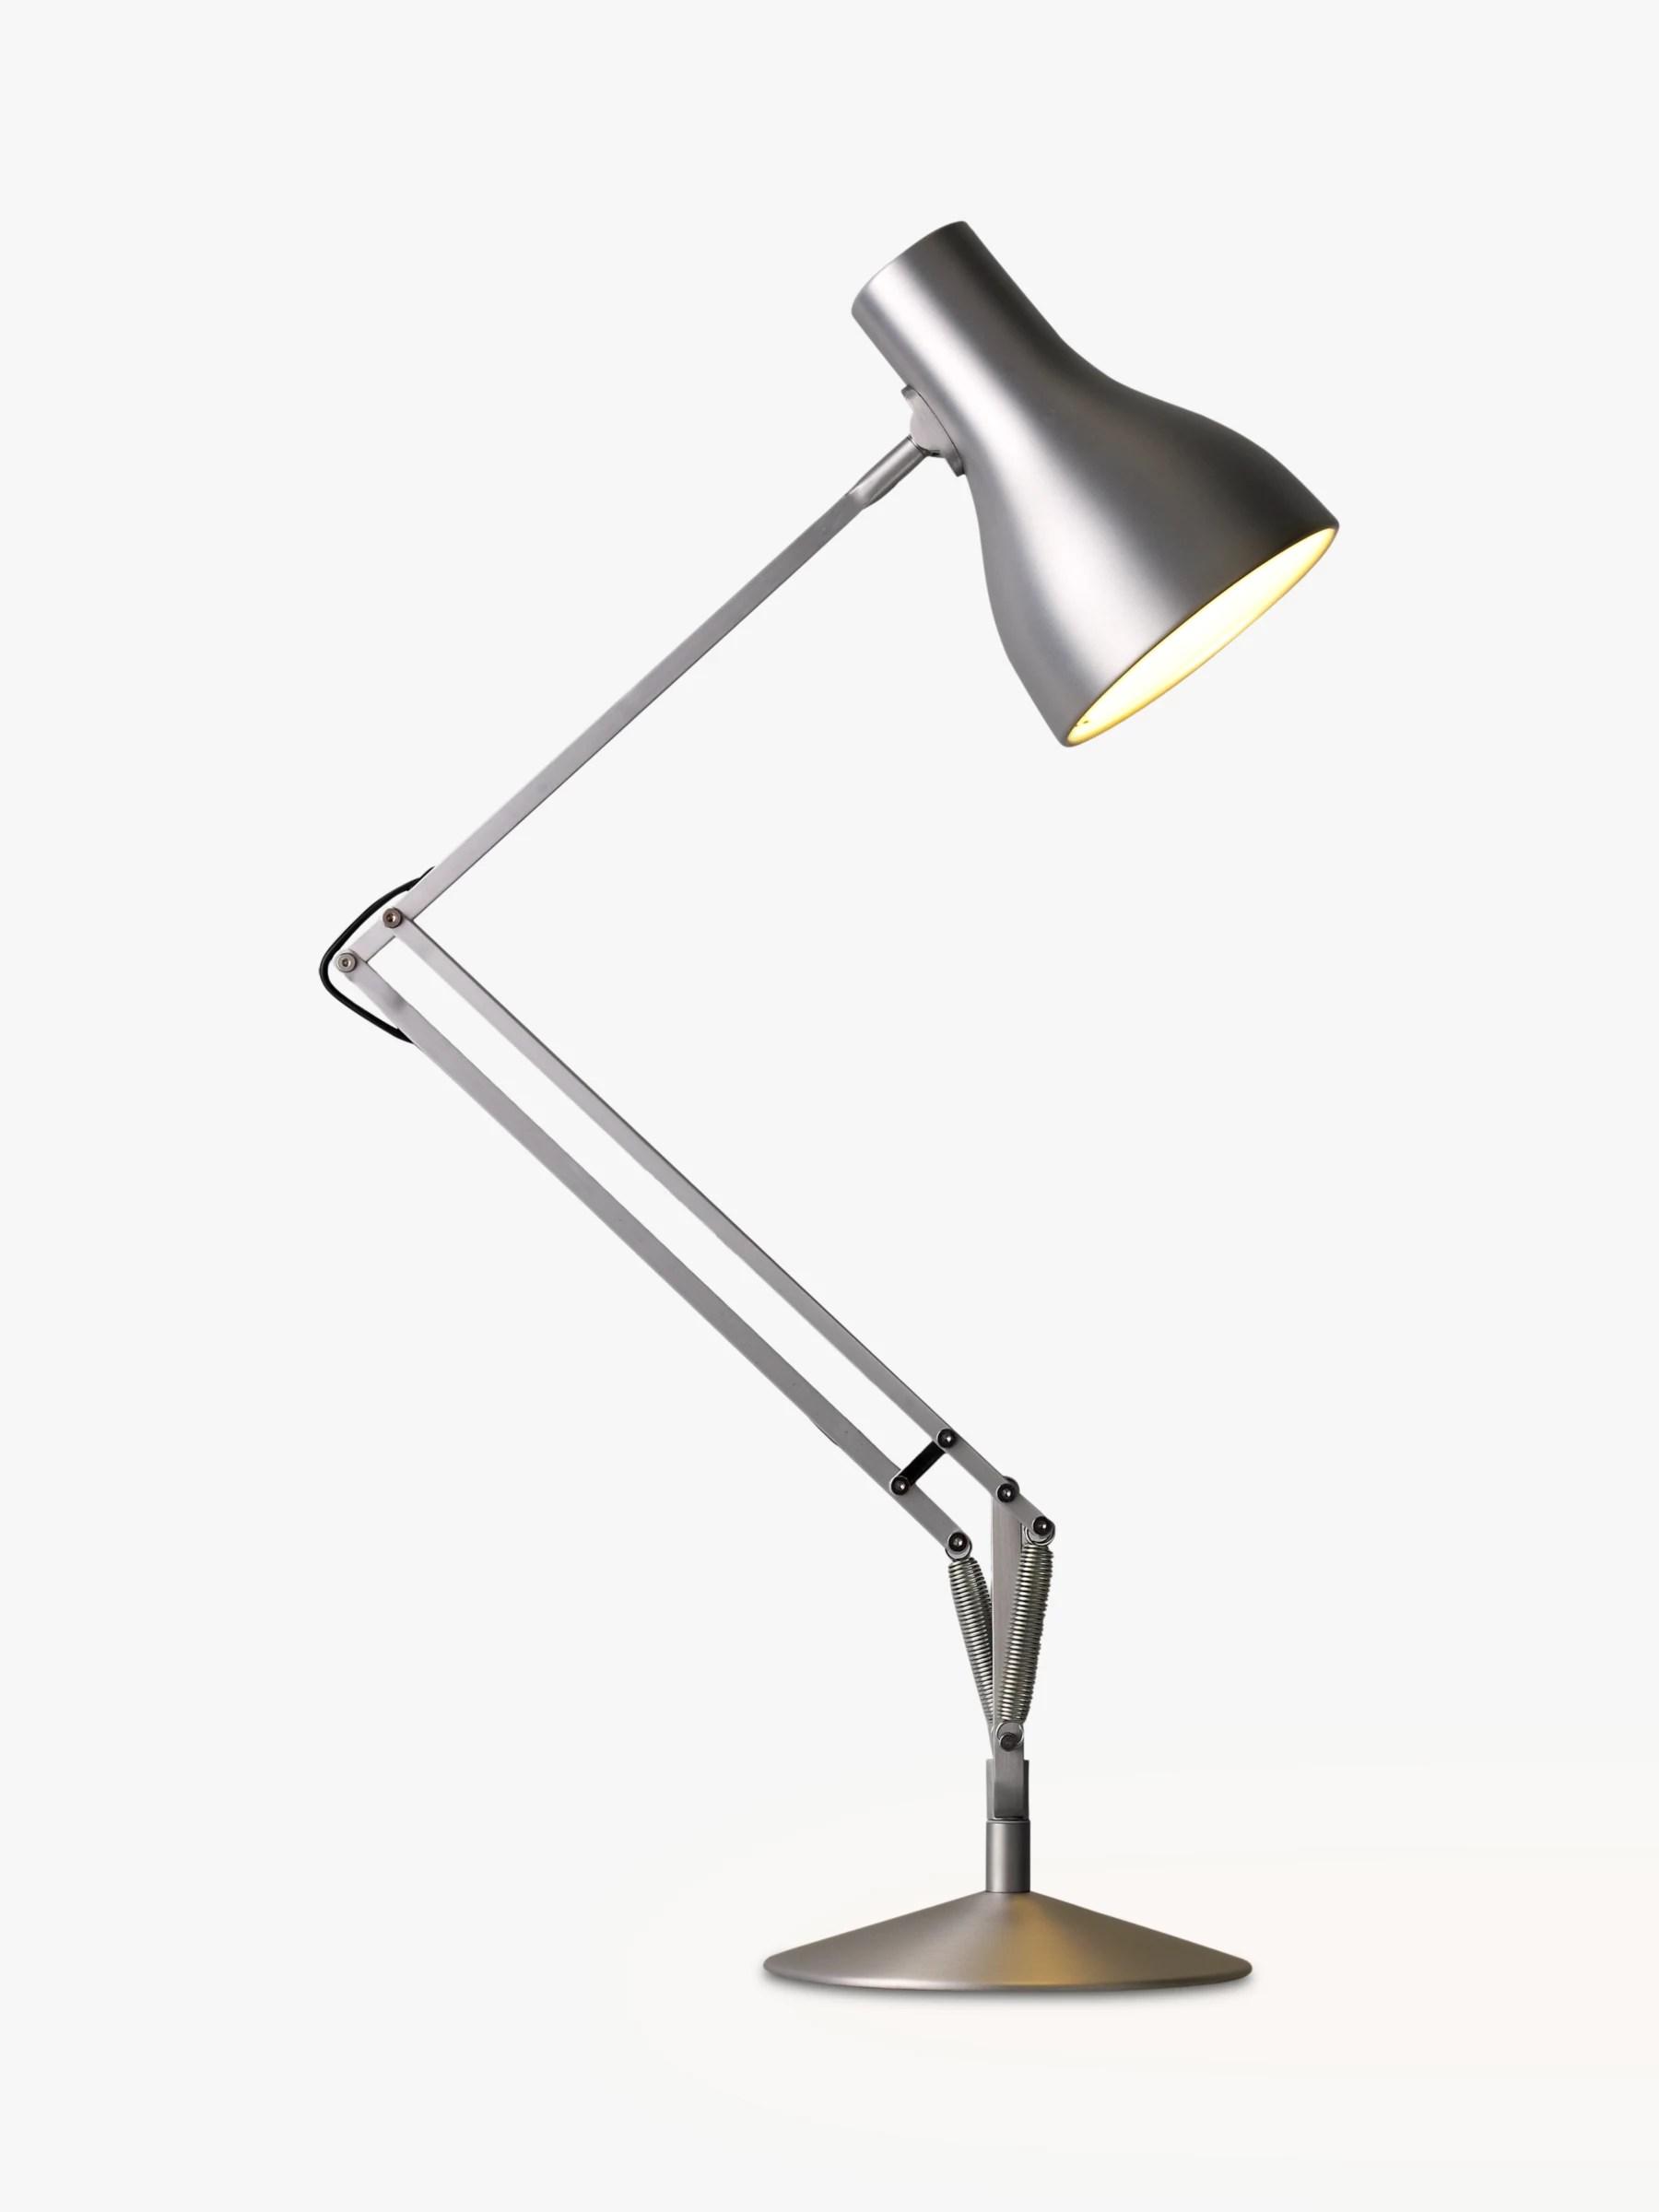 Buy Anglepoise Type 75 Desk Lamp